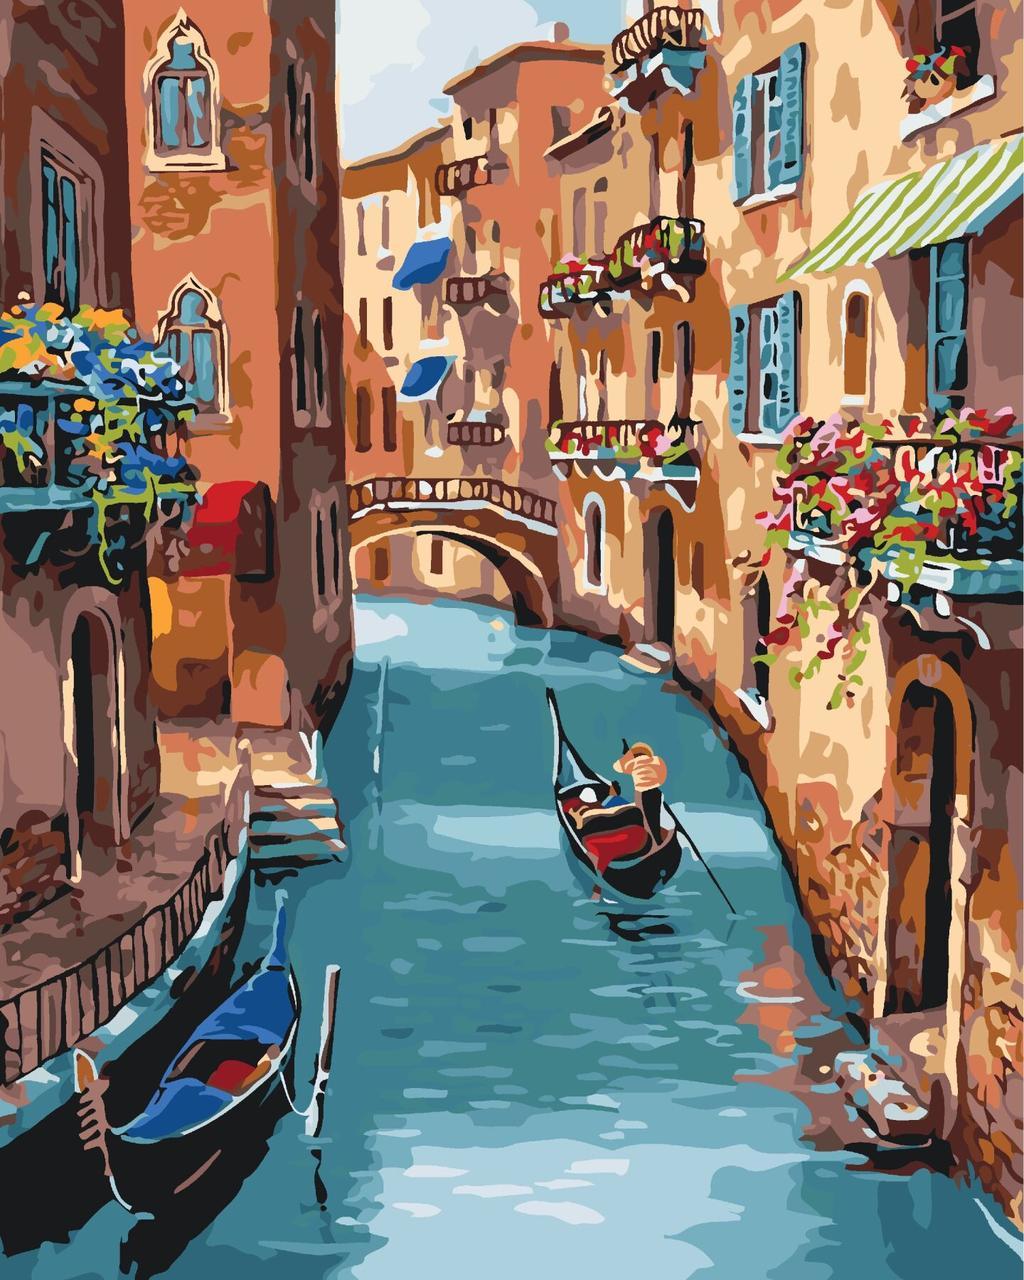 КНО2153 Раскраска по номерам Солнечная Венеция, Без коробки